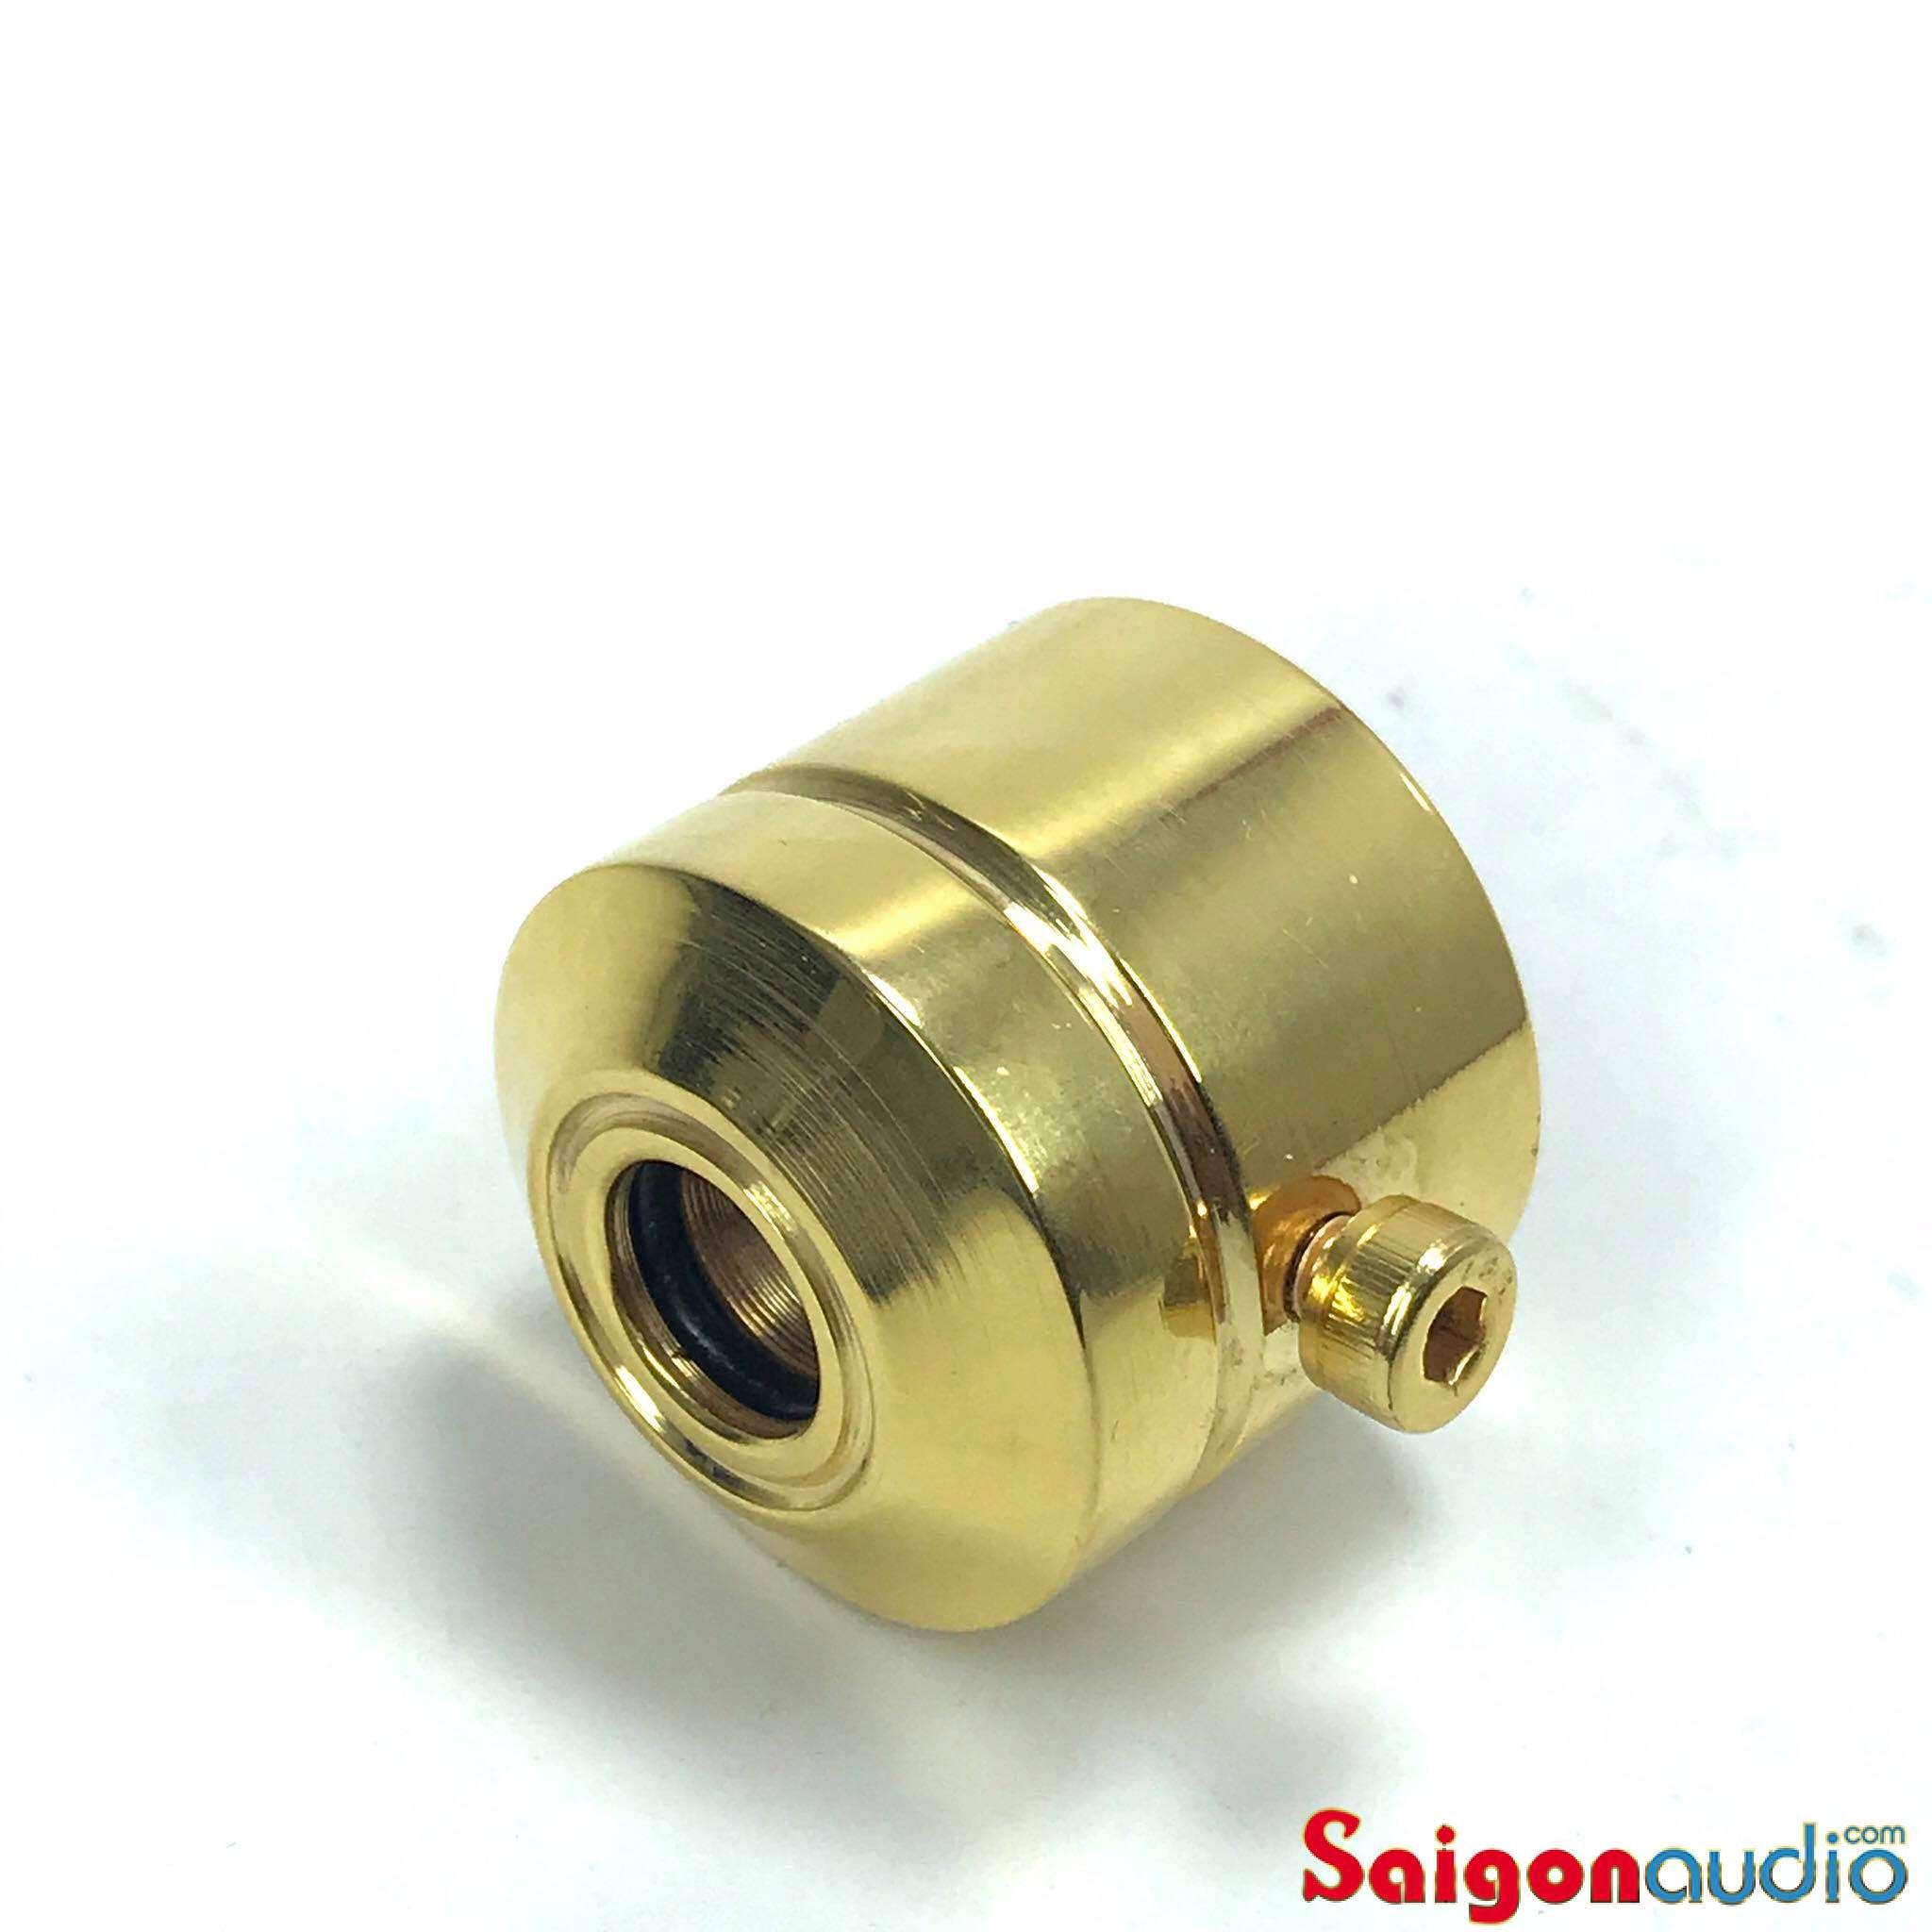 Tạ counterweight cho cần SME 3009 3012 3009R 3010R 3012R